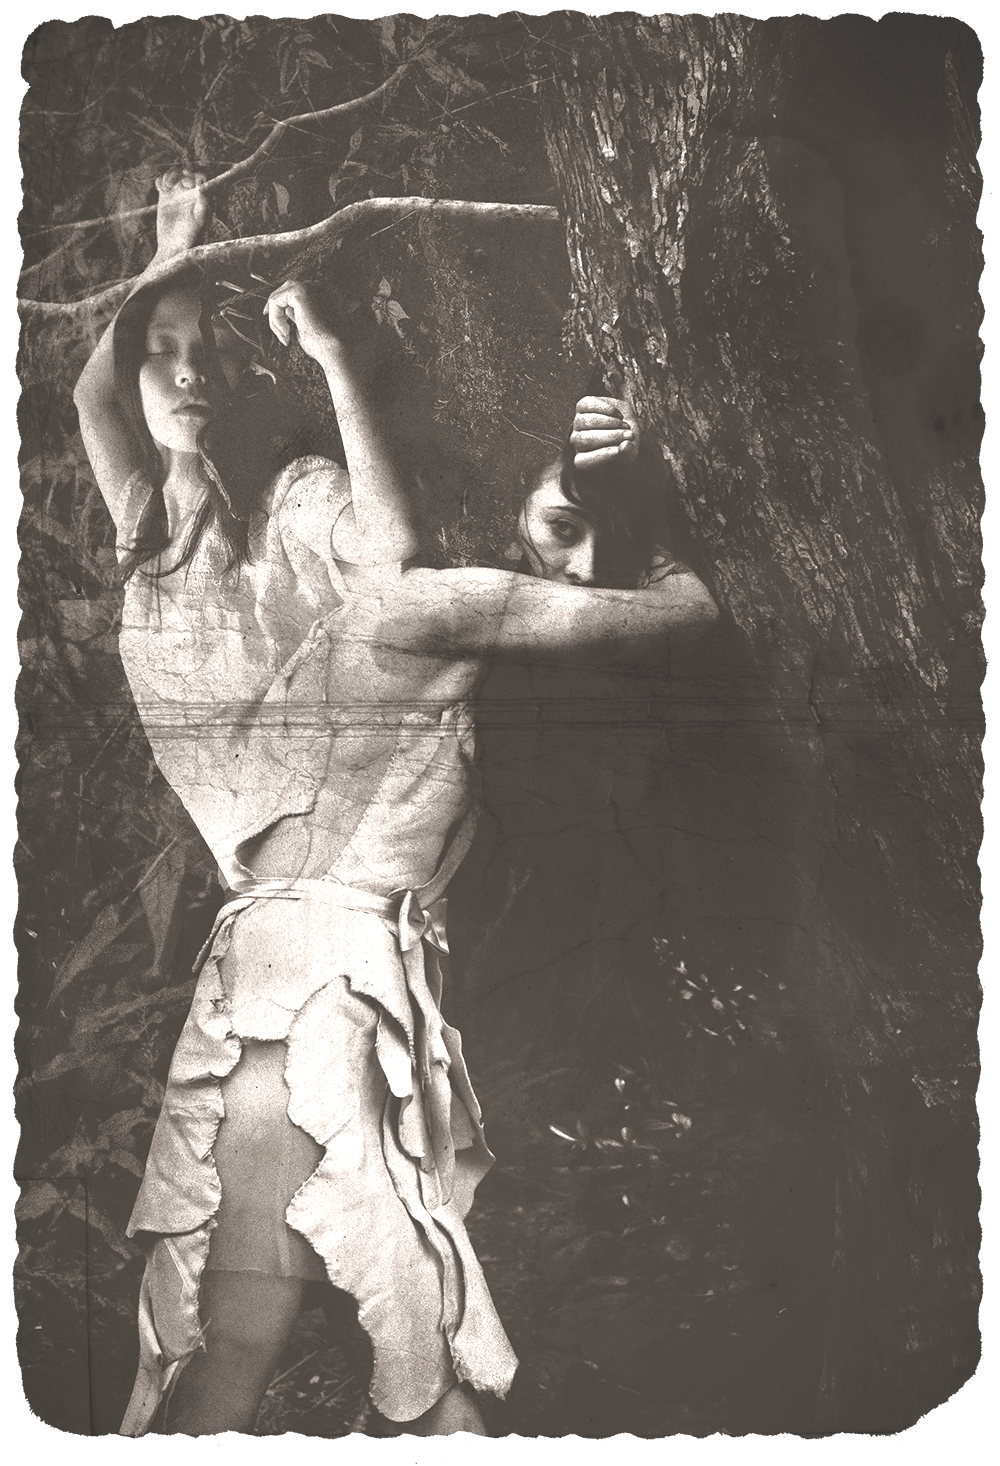 Unsplash photos digitally manipulated by Jacqueline Stuart